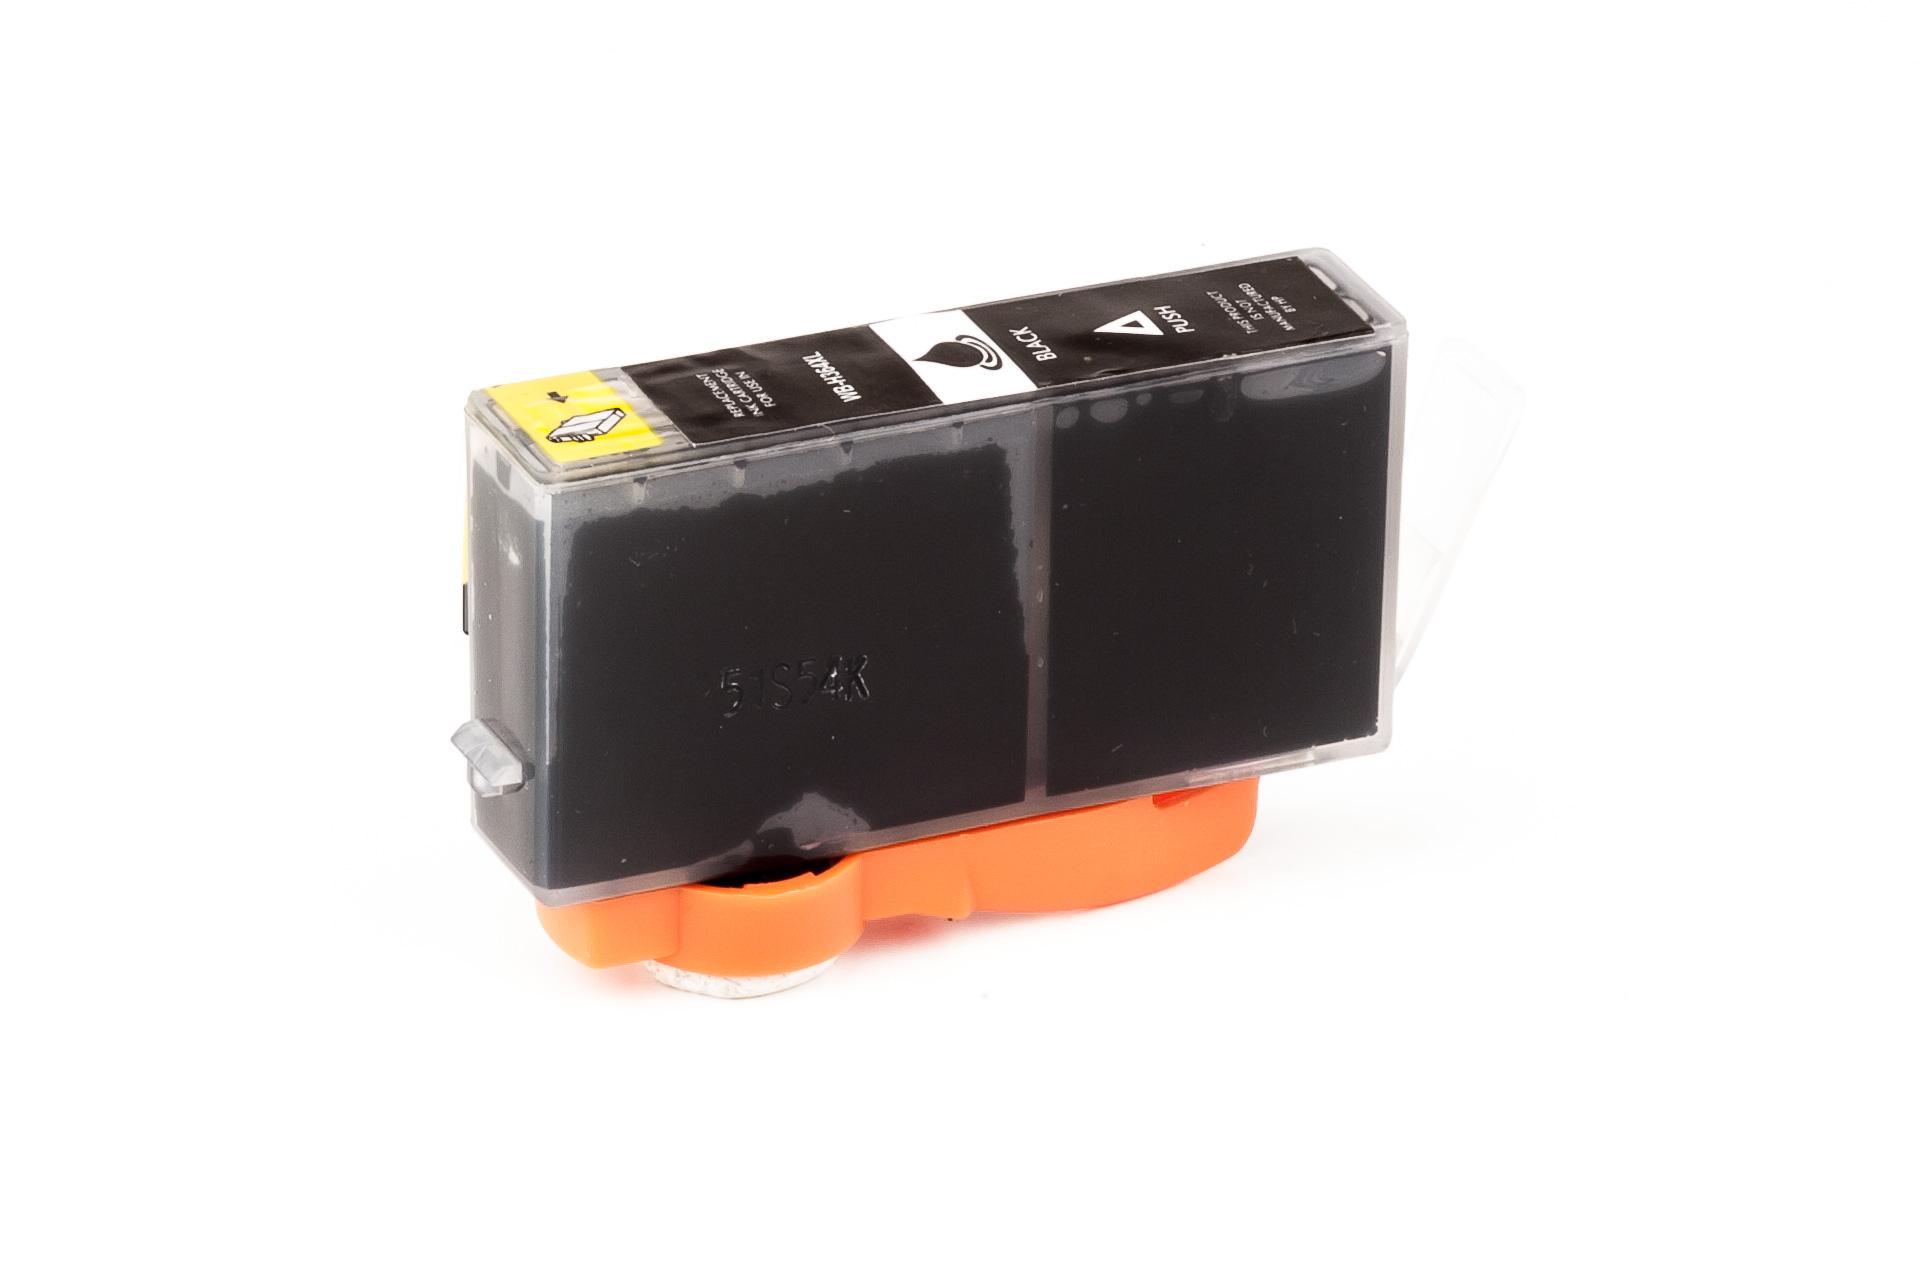 ASC-Premium-Tintenpatrone für HP PhotoSmart Wireless e-All-in-One B 110 d schwarz XL-Version PhotoSmart Wireless e-All-in-One B 110 d PhotoSmartWirelesse-All-in-OneB110d